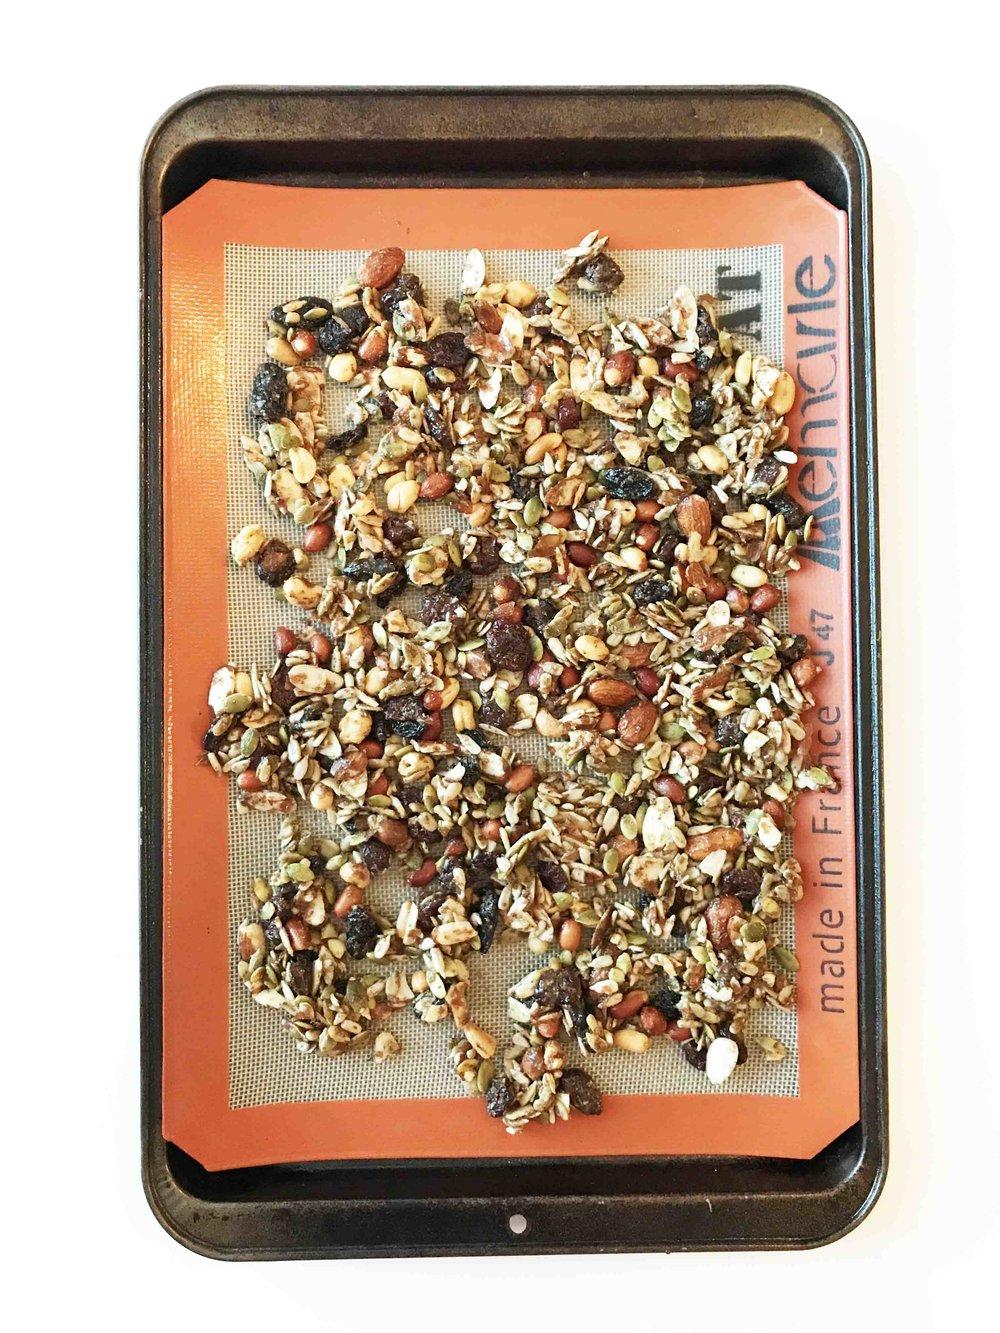 nut-seed-granola8.jpg